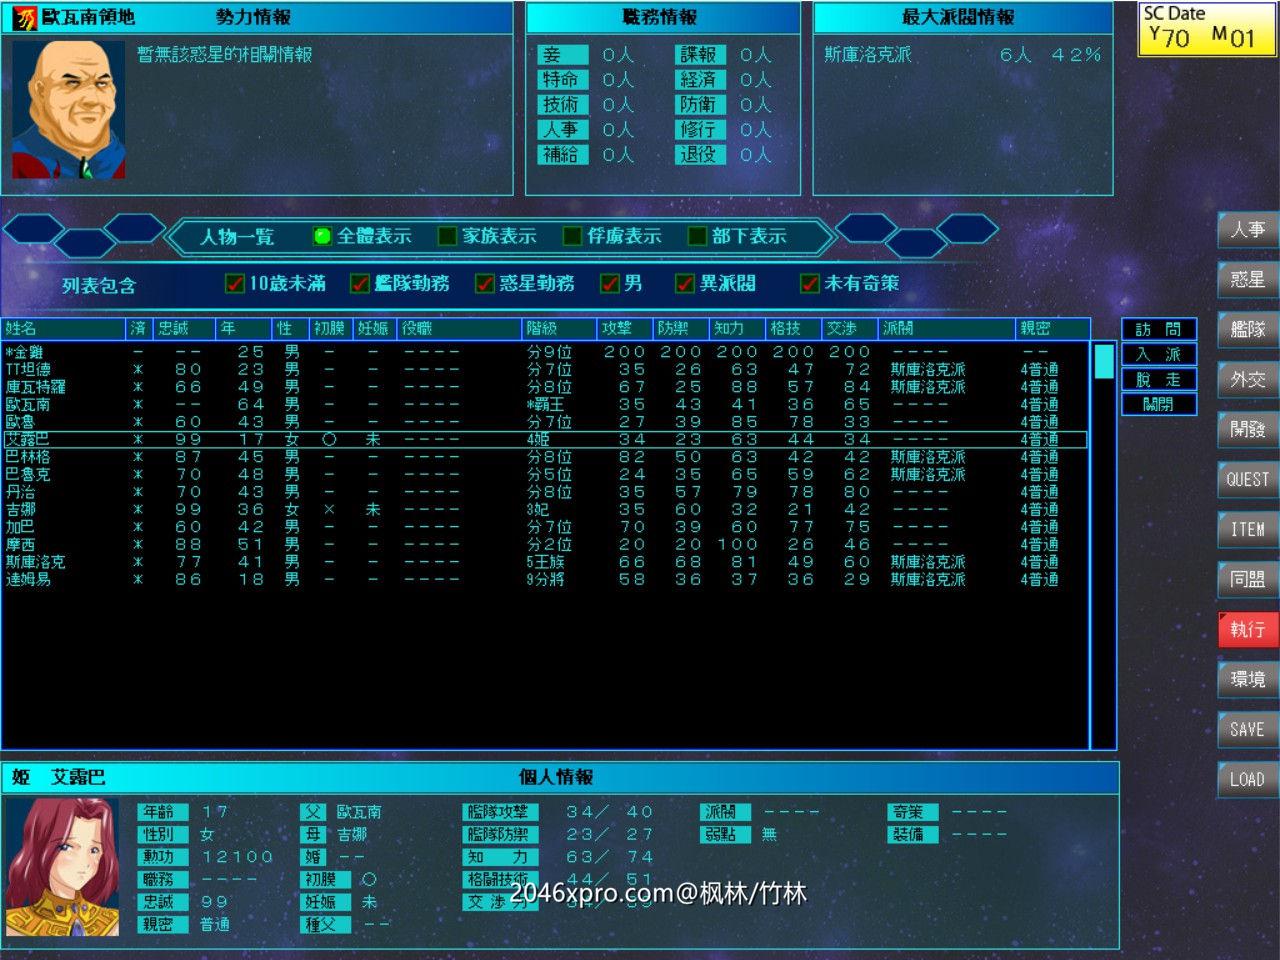 雷神Ⅶ:Puk天制霸-私人定制加强版 第二版【新作/大型SLG/中文/人物过千/1.2G】